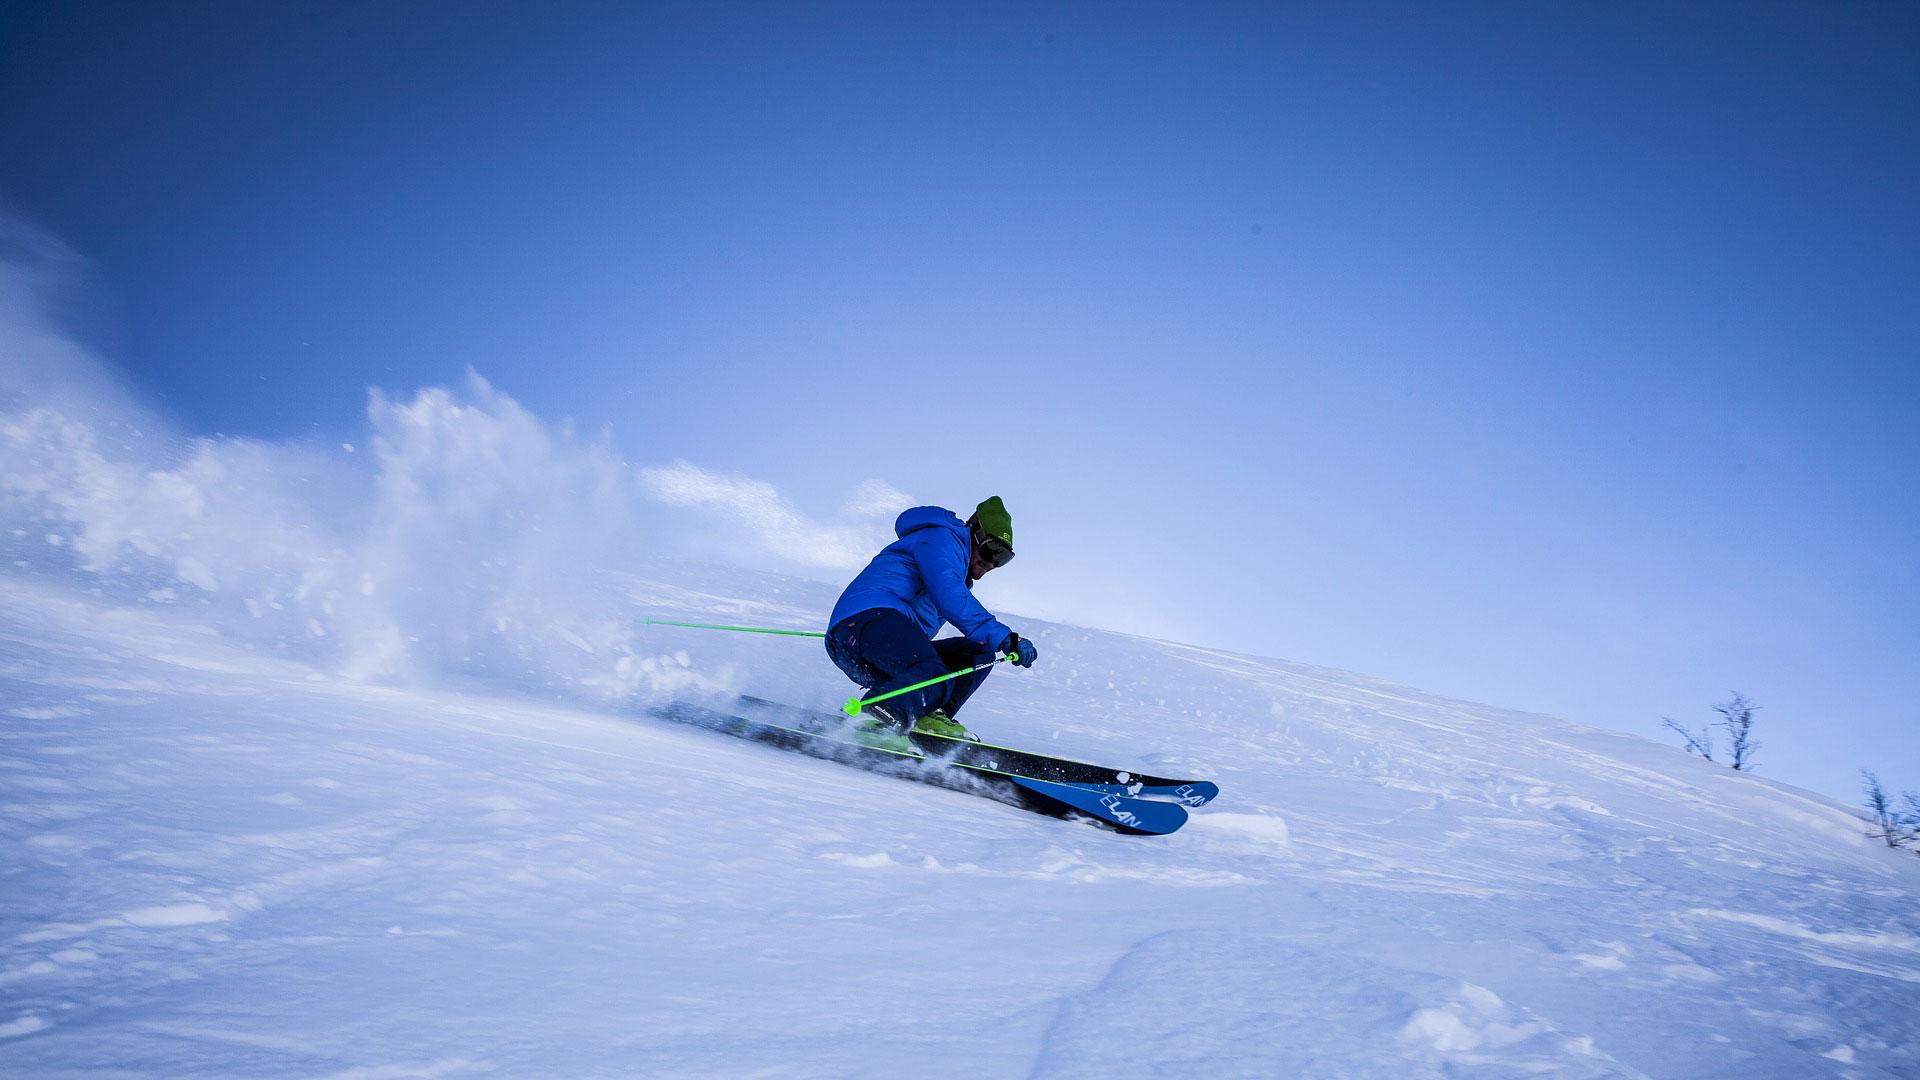 Séjour d'hiver, s'évader un week end à la station de ski de l'Alpe d'Huez